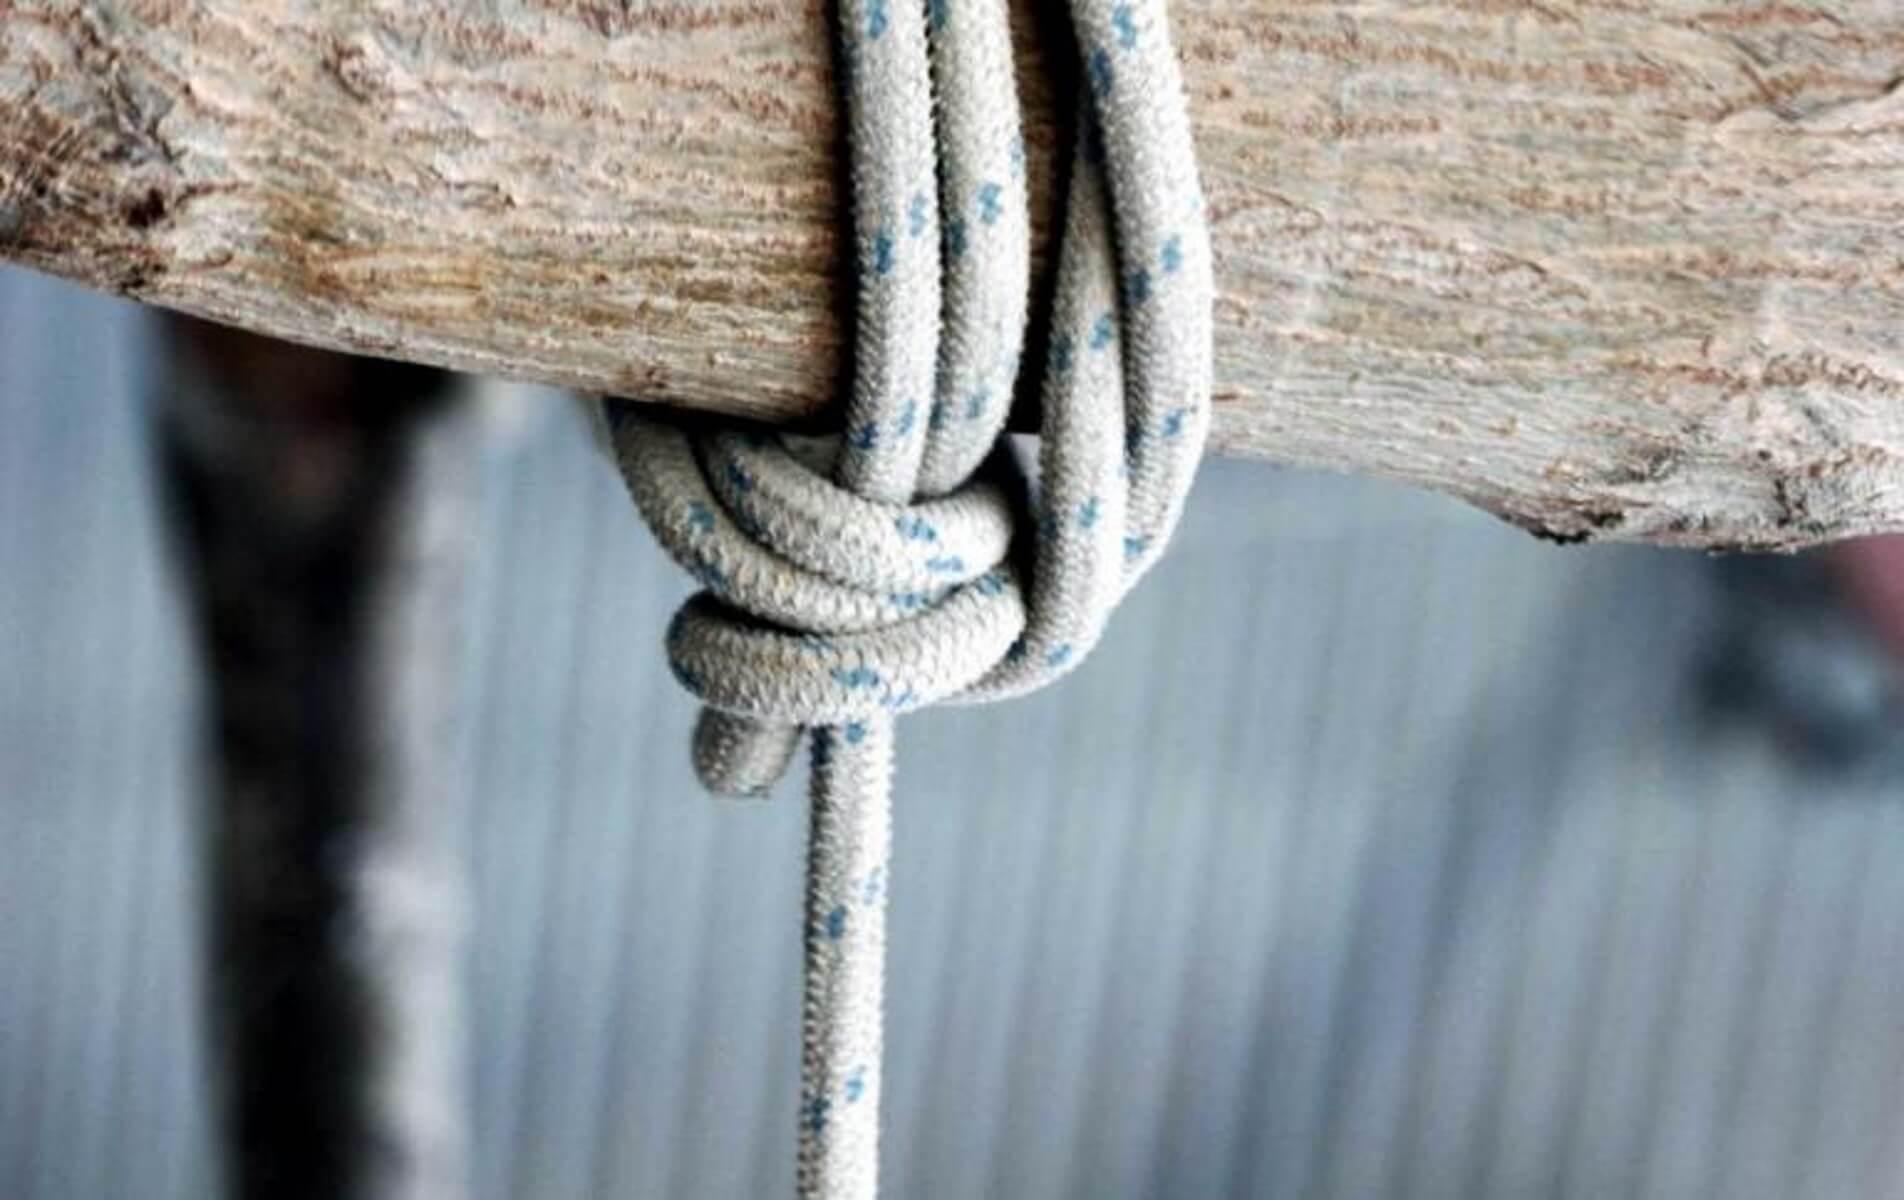 Χανιά: Άνδρας βρέθηκε κρεμασμένος σε χωράφι